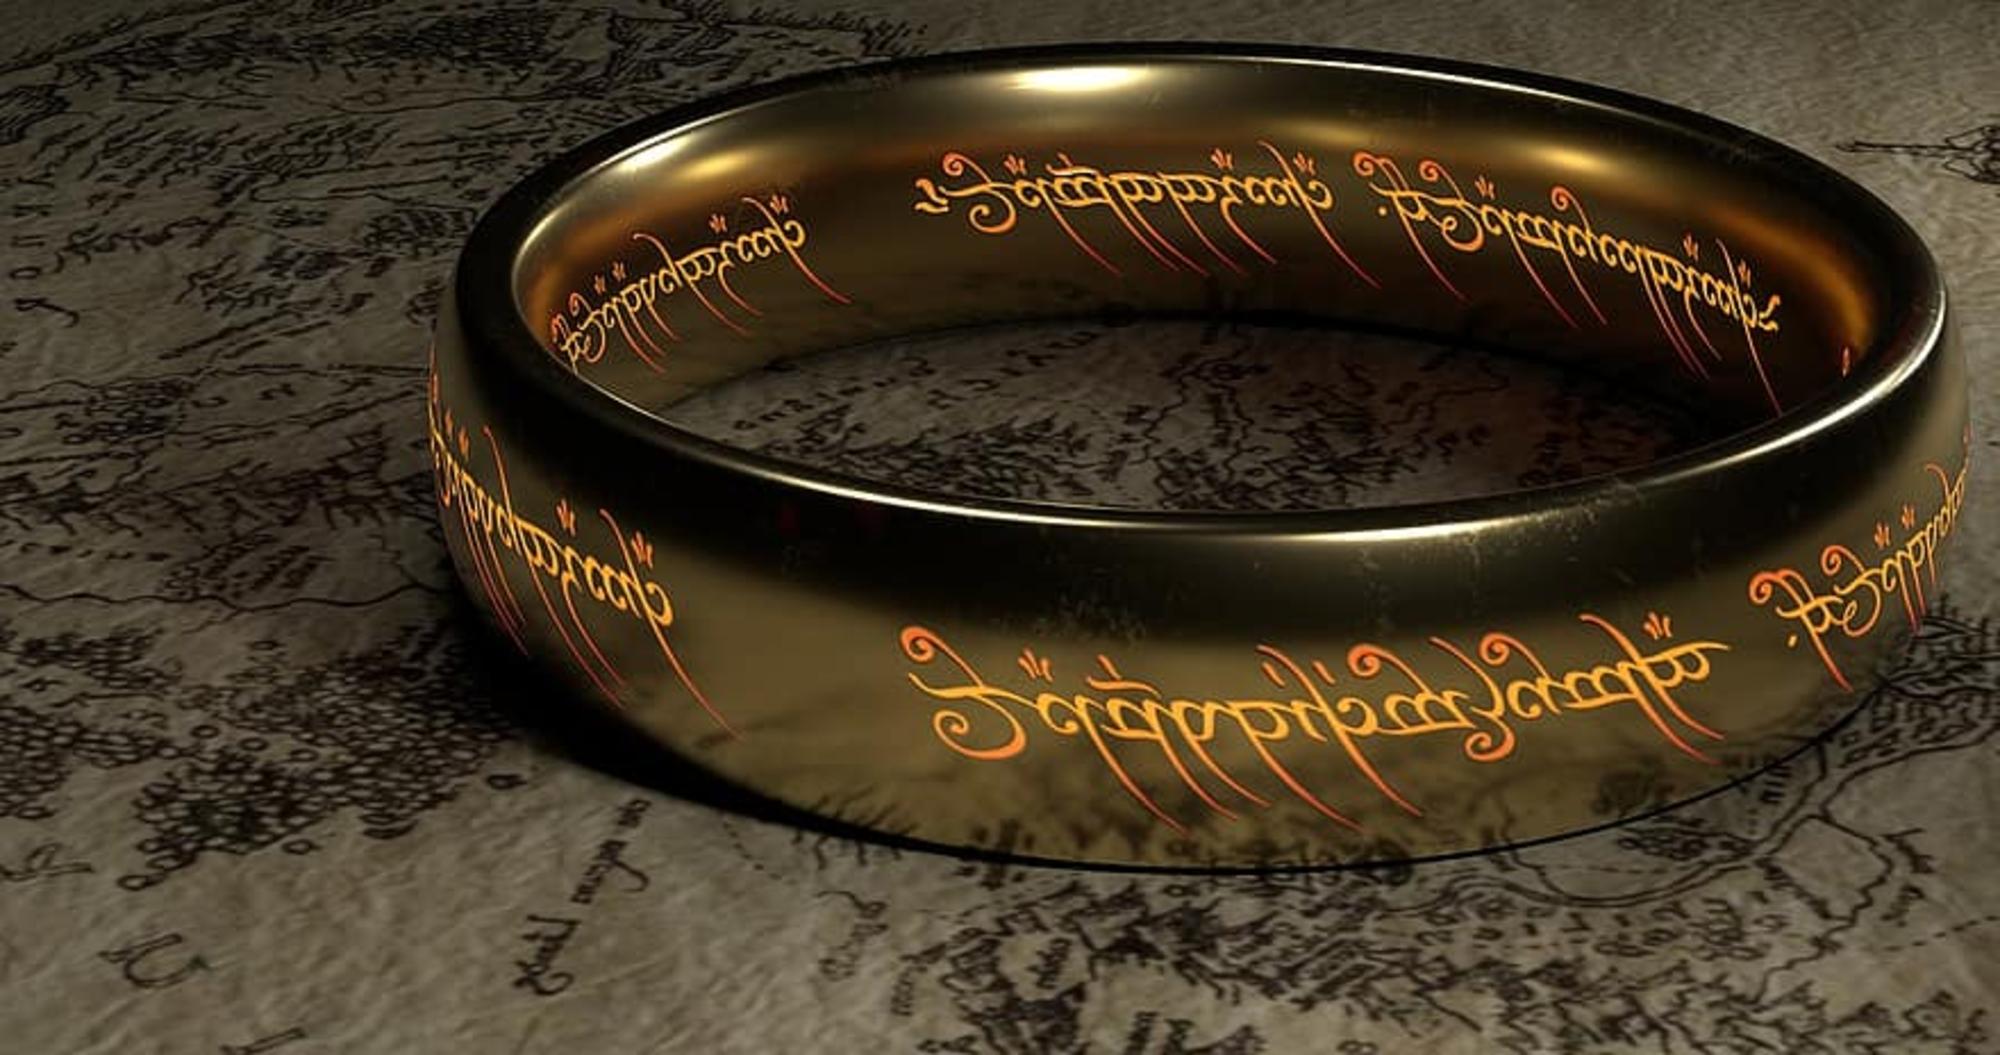 El Anillo Único de El Señor de los Anillos de J.R.R. Tolkien